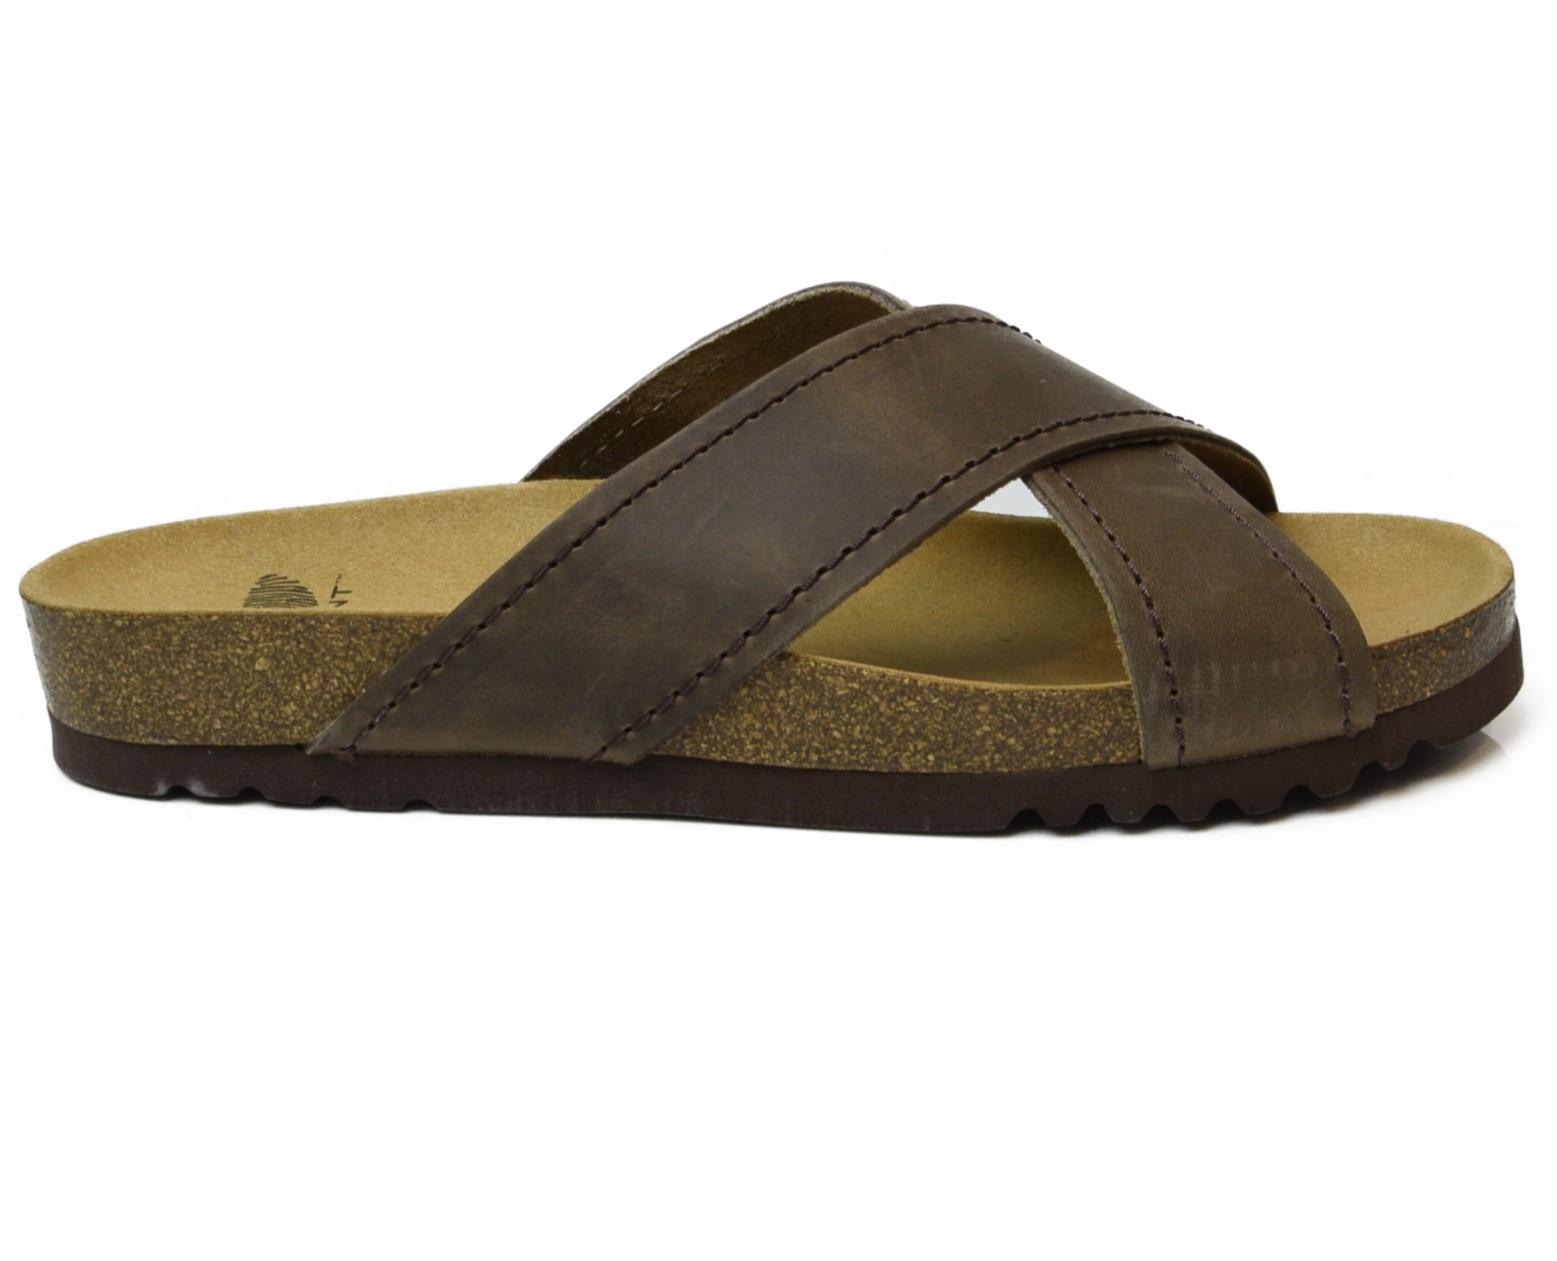 Soft Leather Flip Flops